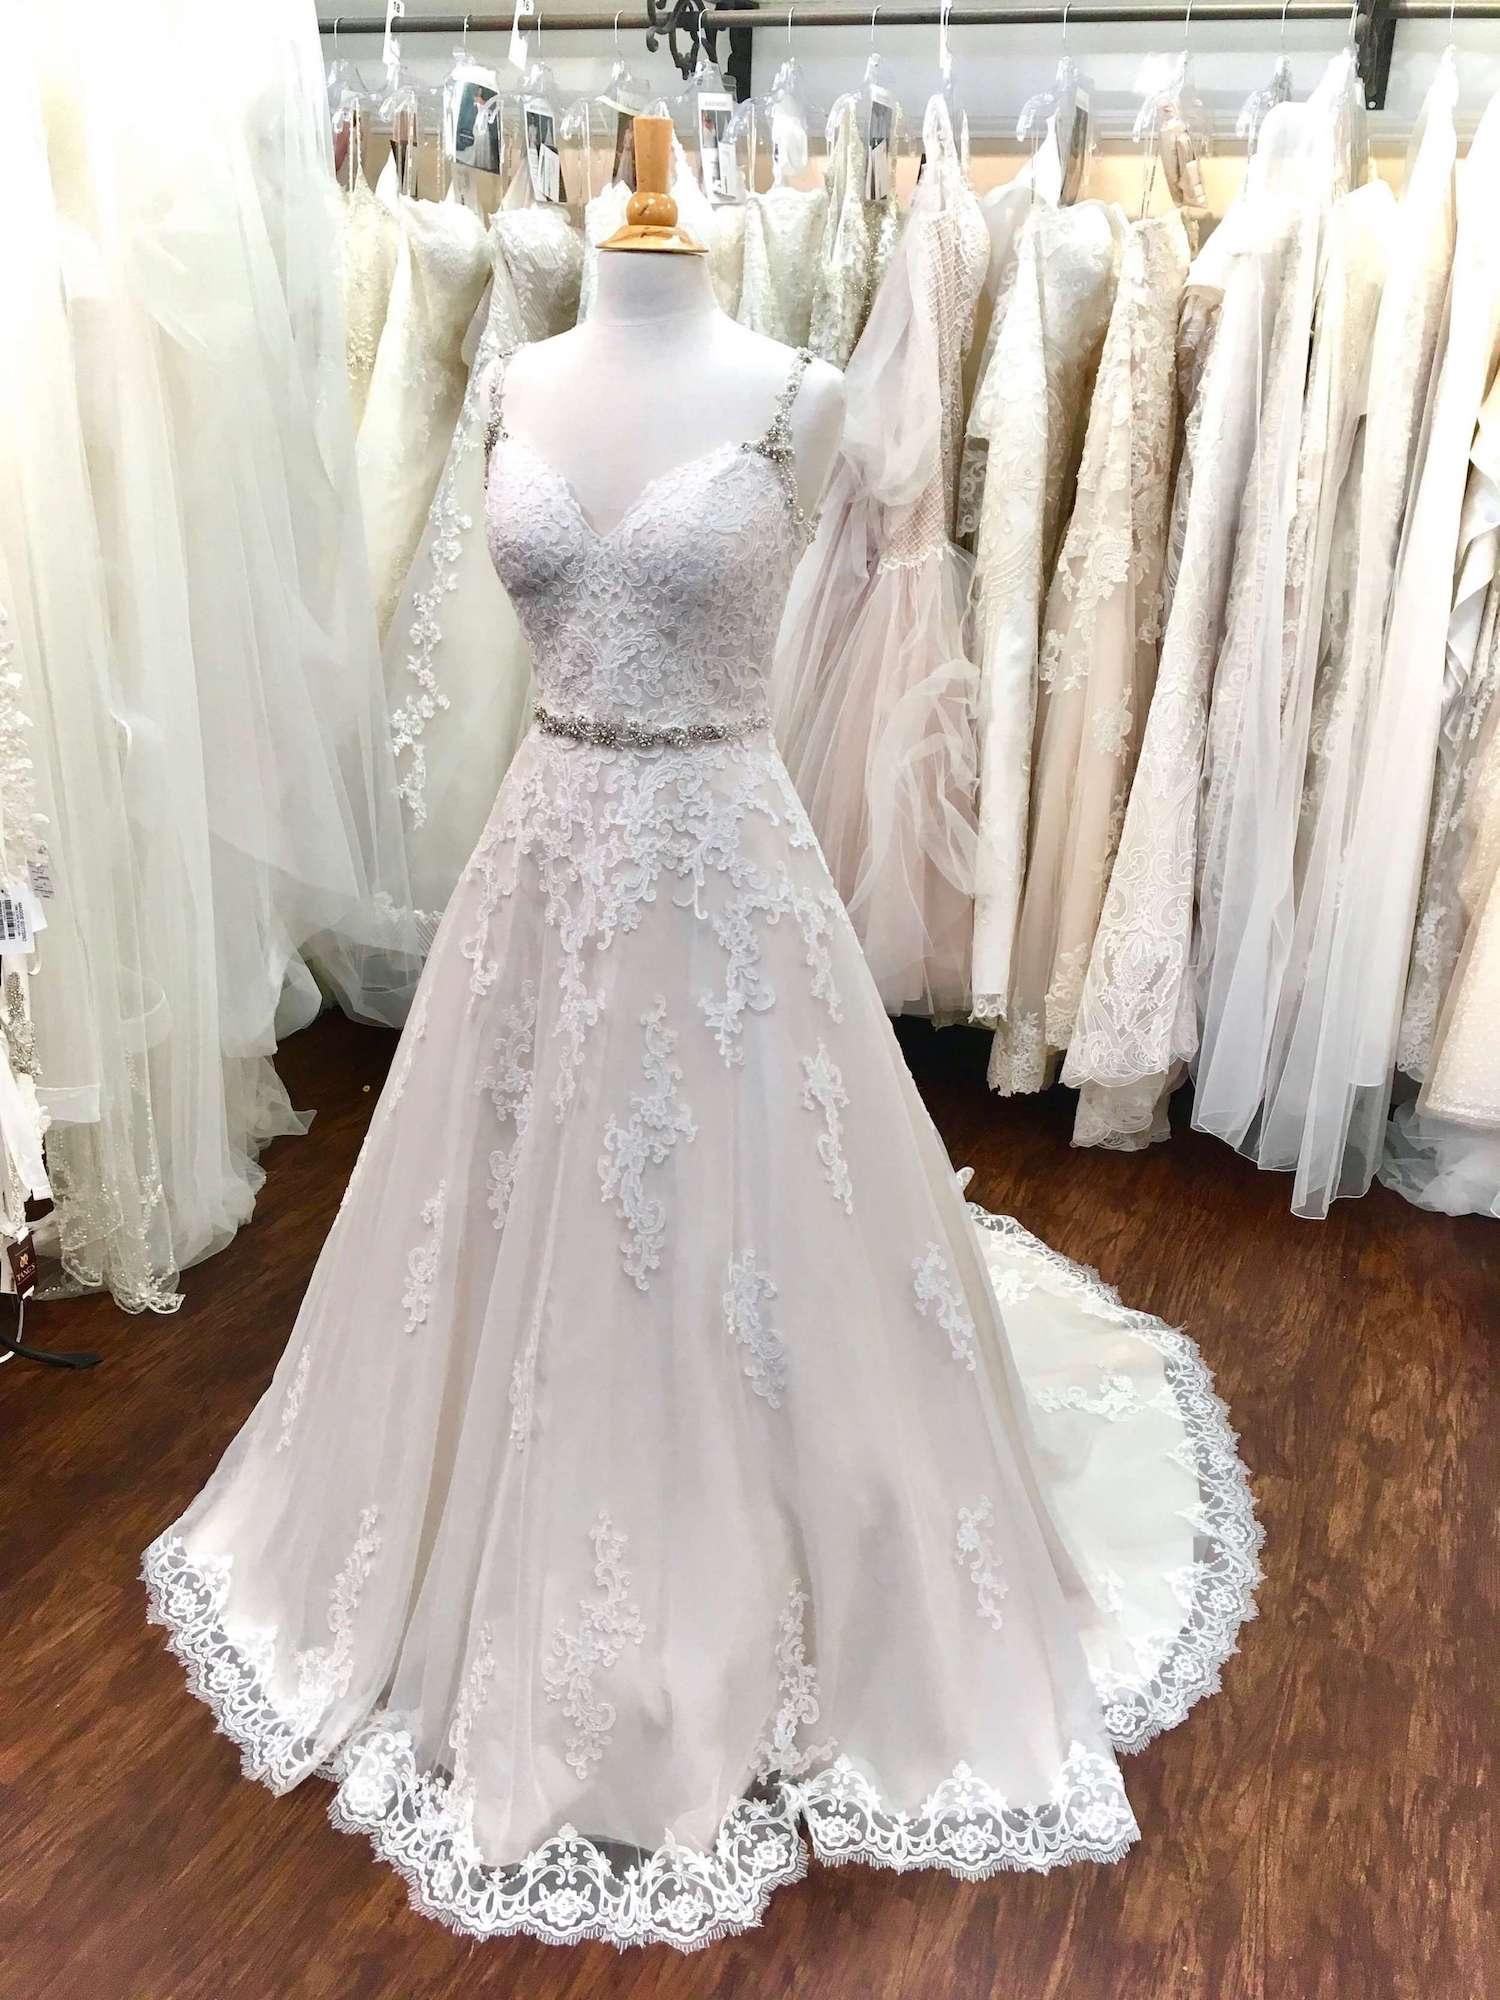 Wedding Dress Northern Virginia | Tang's Bridal - See More!